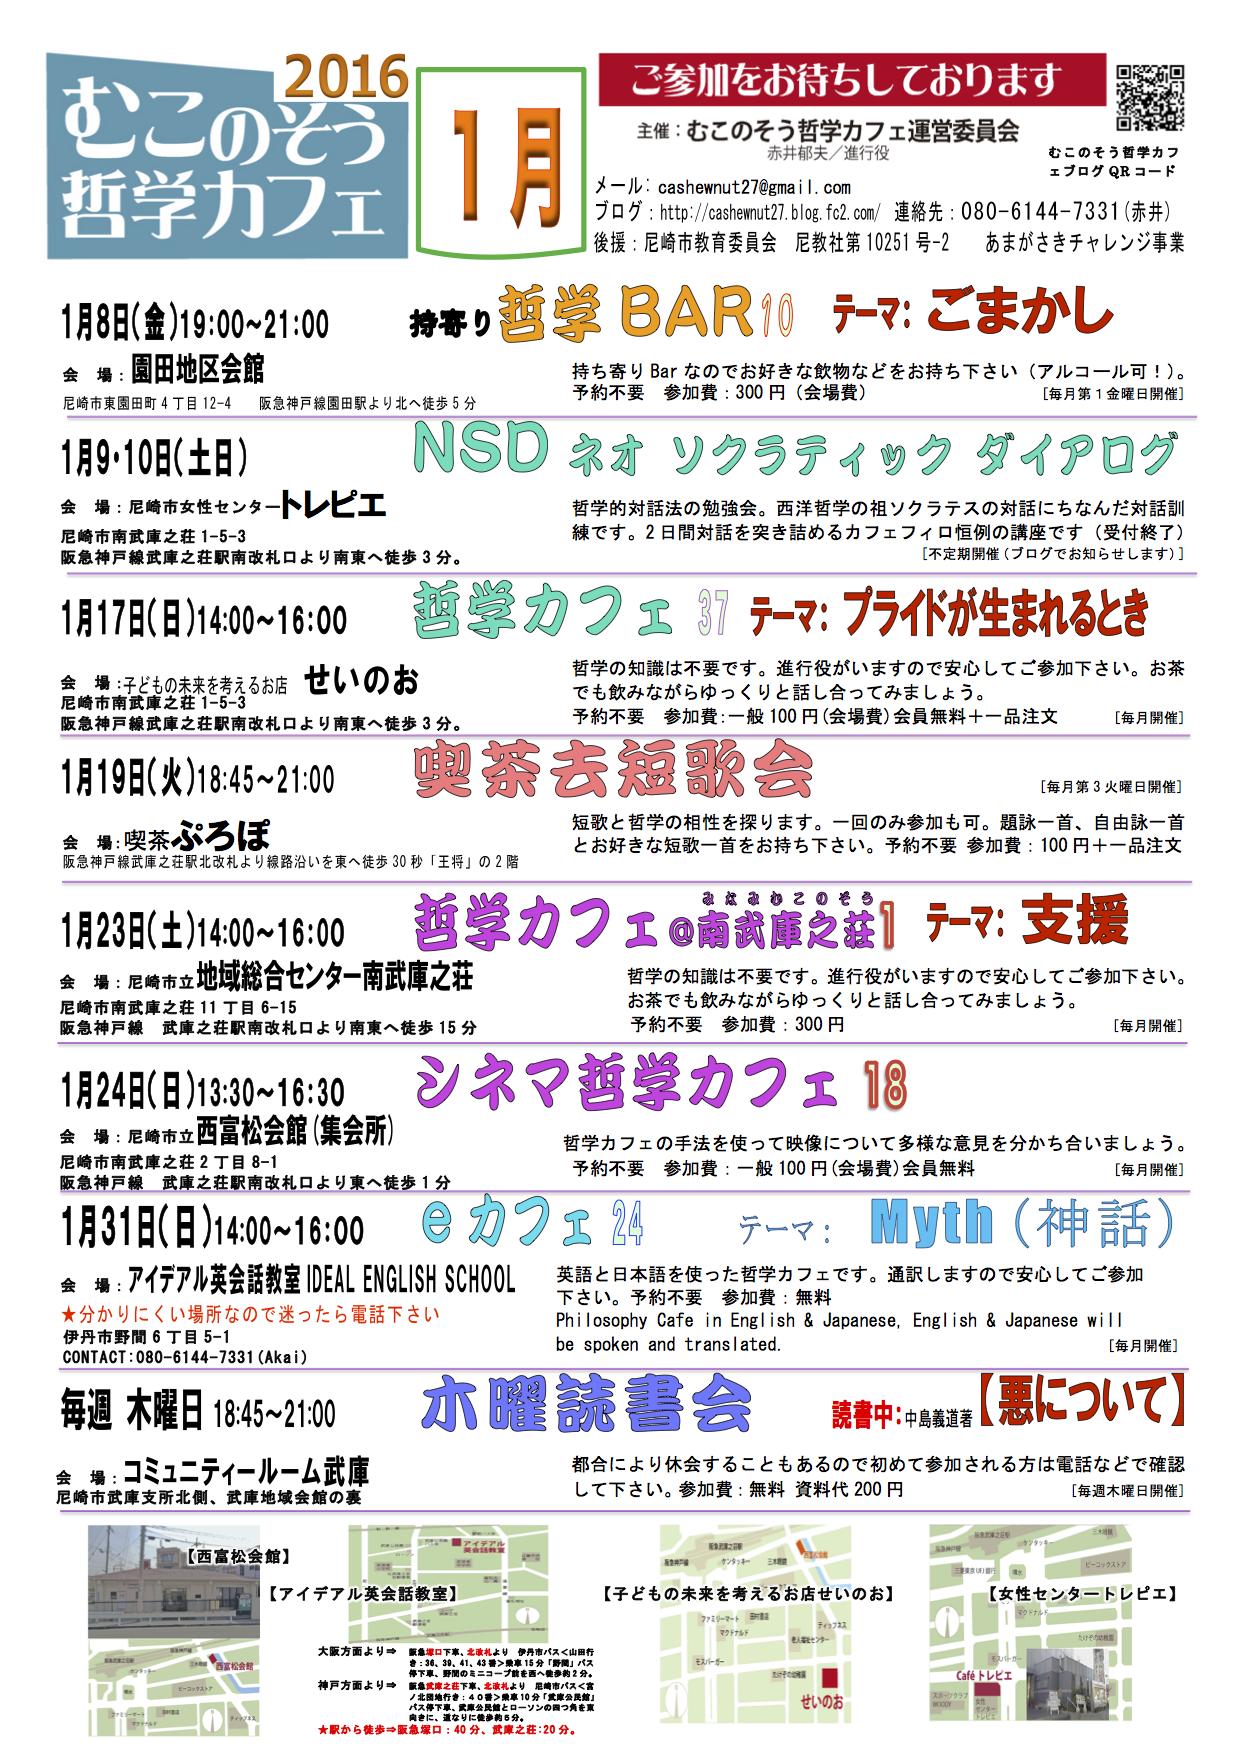 01601ポスター4 1枚目